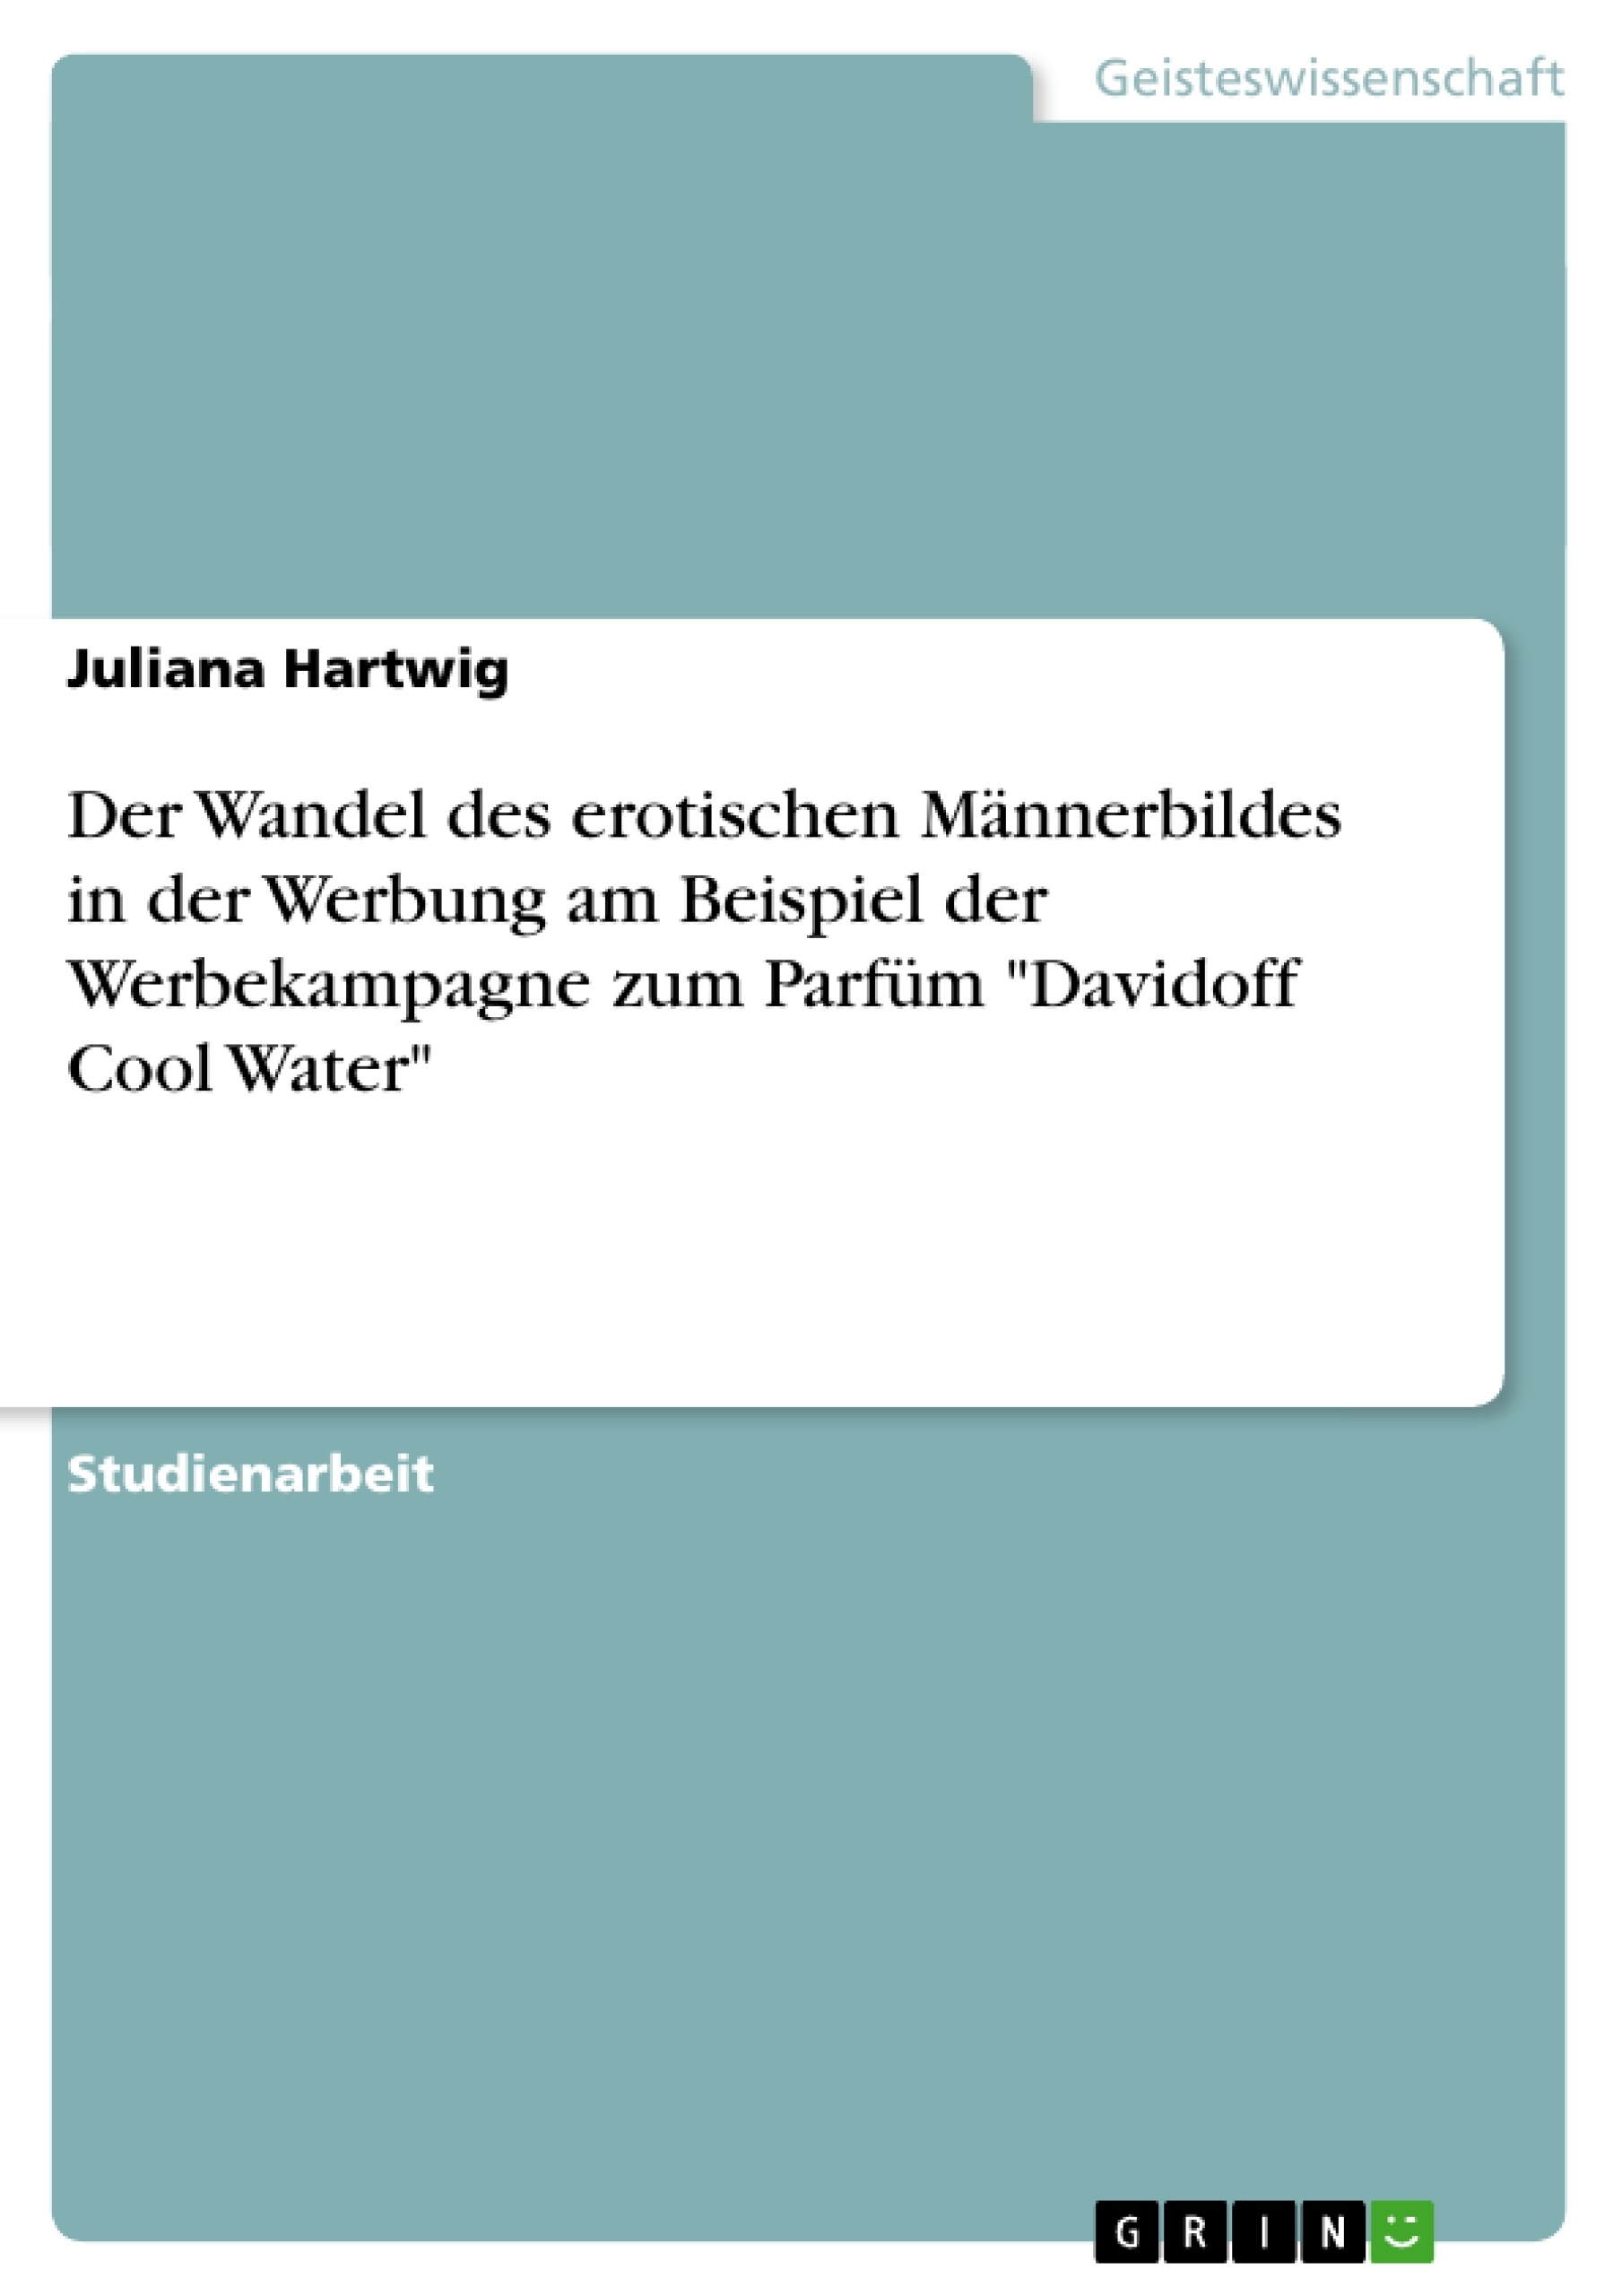 """Titel: Der Wandel des erotischen Männerbildes in der Werbung am Beispiel der Werbekampagne zum Parfüm """"Davidoff Cool Water"""""""